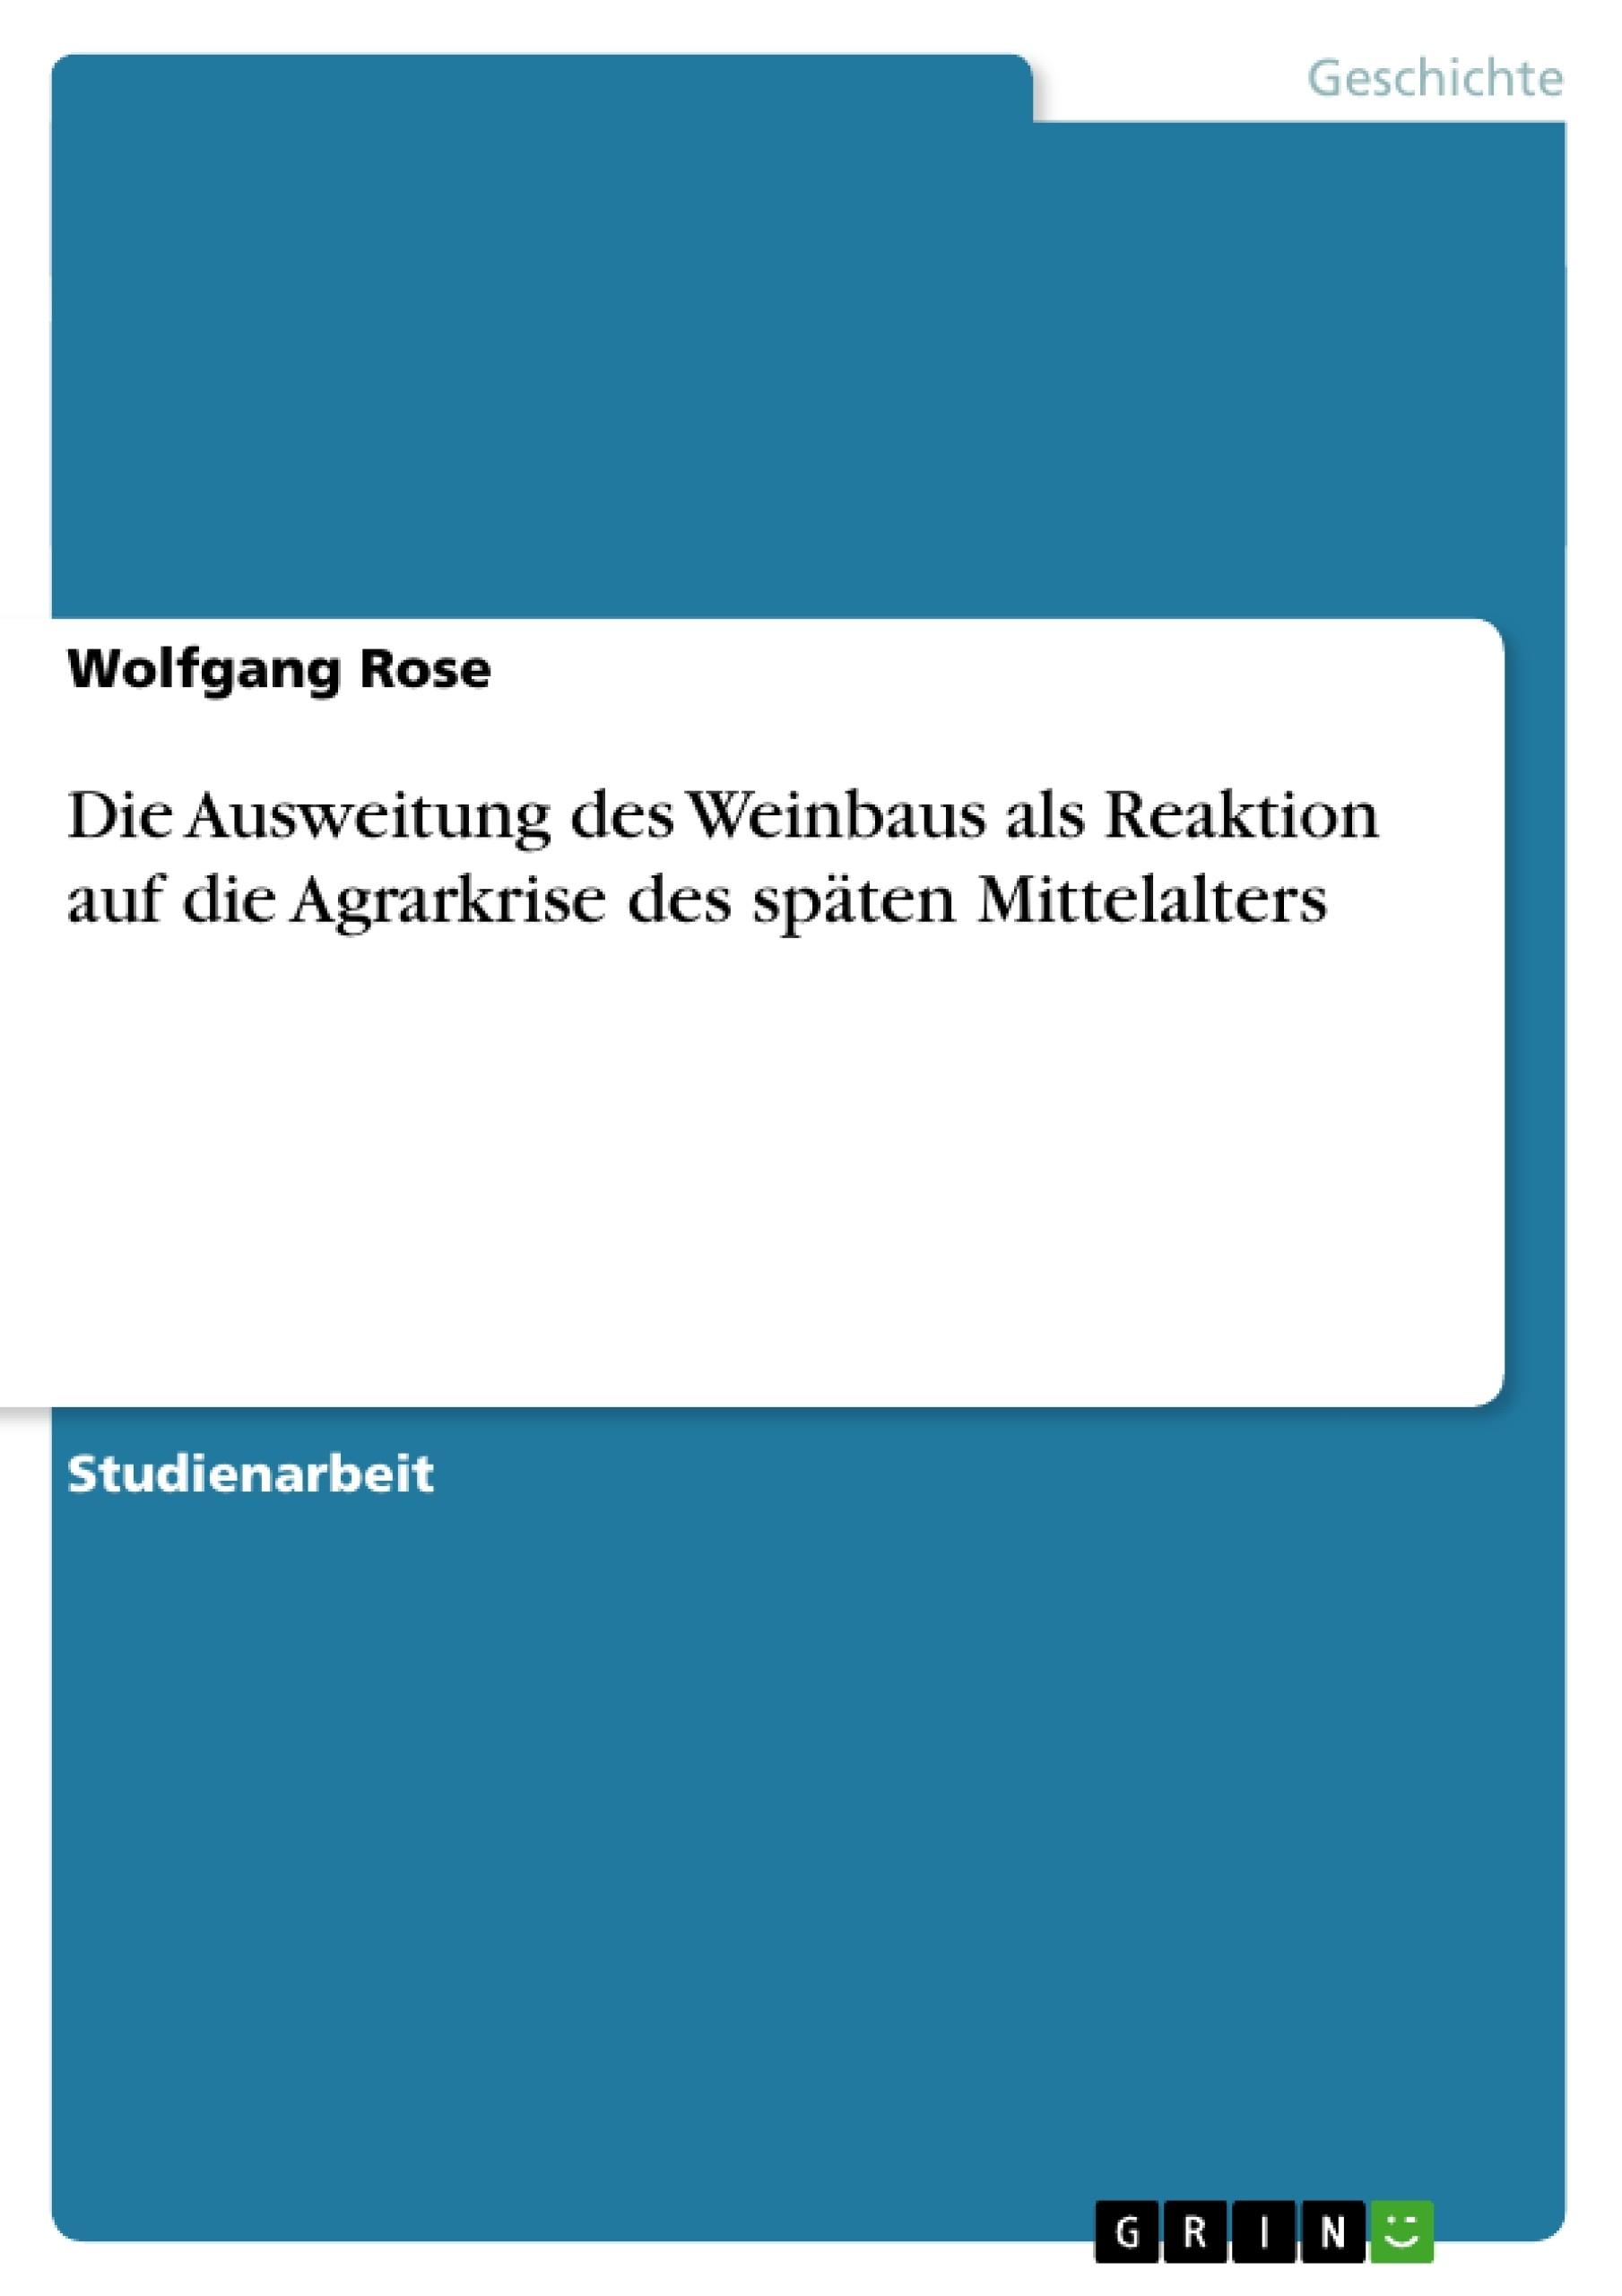 Titel: Die Ausweitung des Weinbaus als Reaktion auf die Agrarkrise des späten Mittelalters